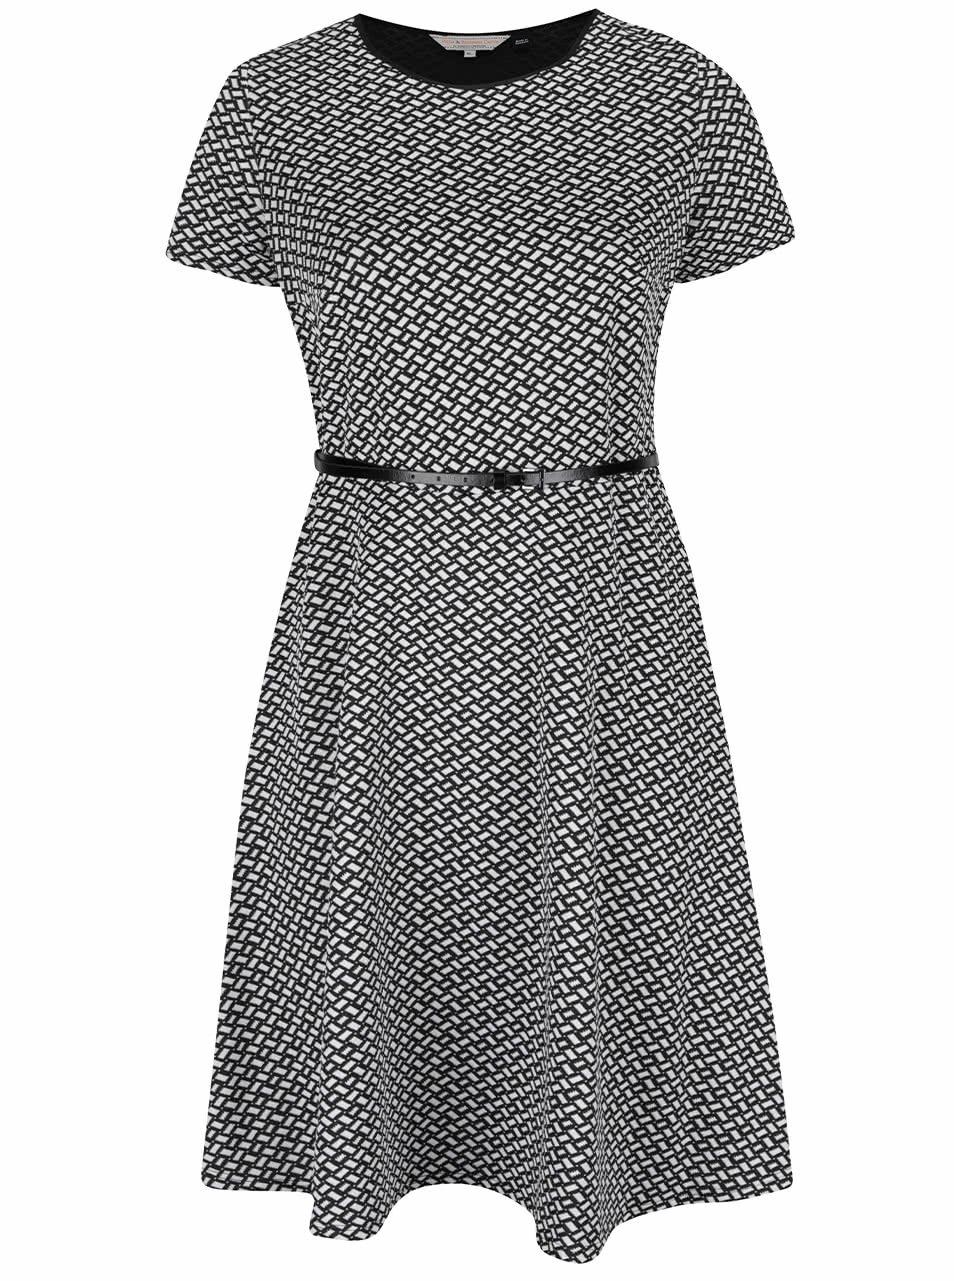 Čierno-biele vzorované šaty s jemným opaskom Dorothy Perkins Curve ... beee60fed11